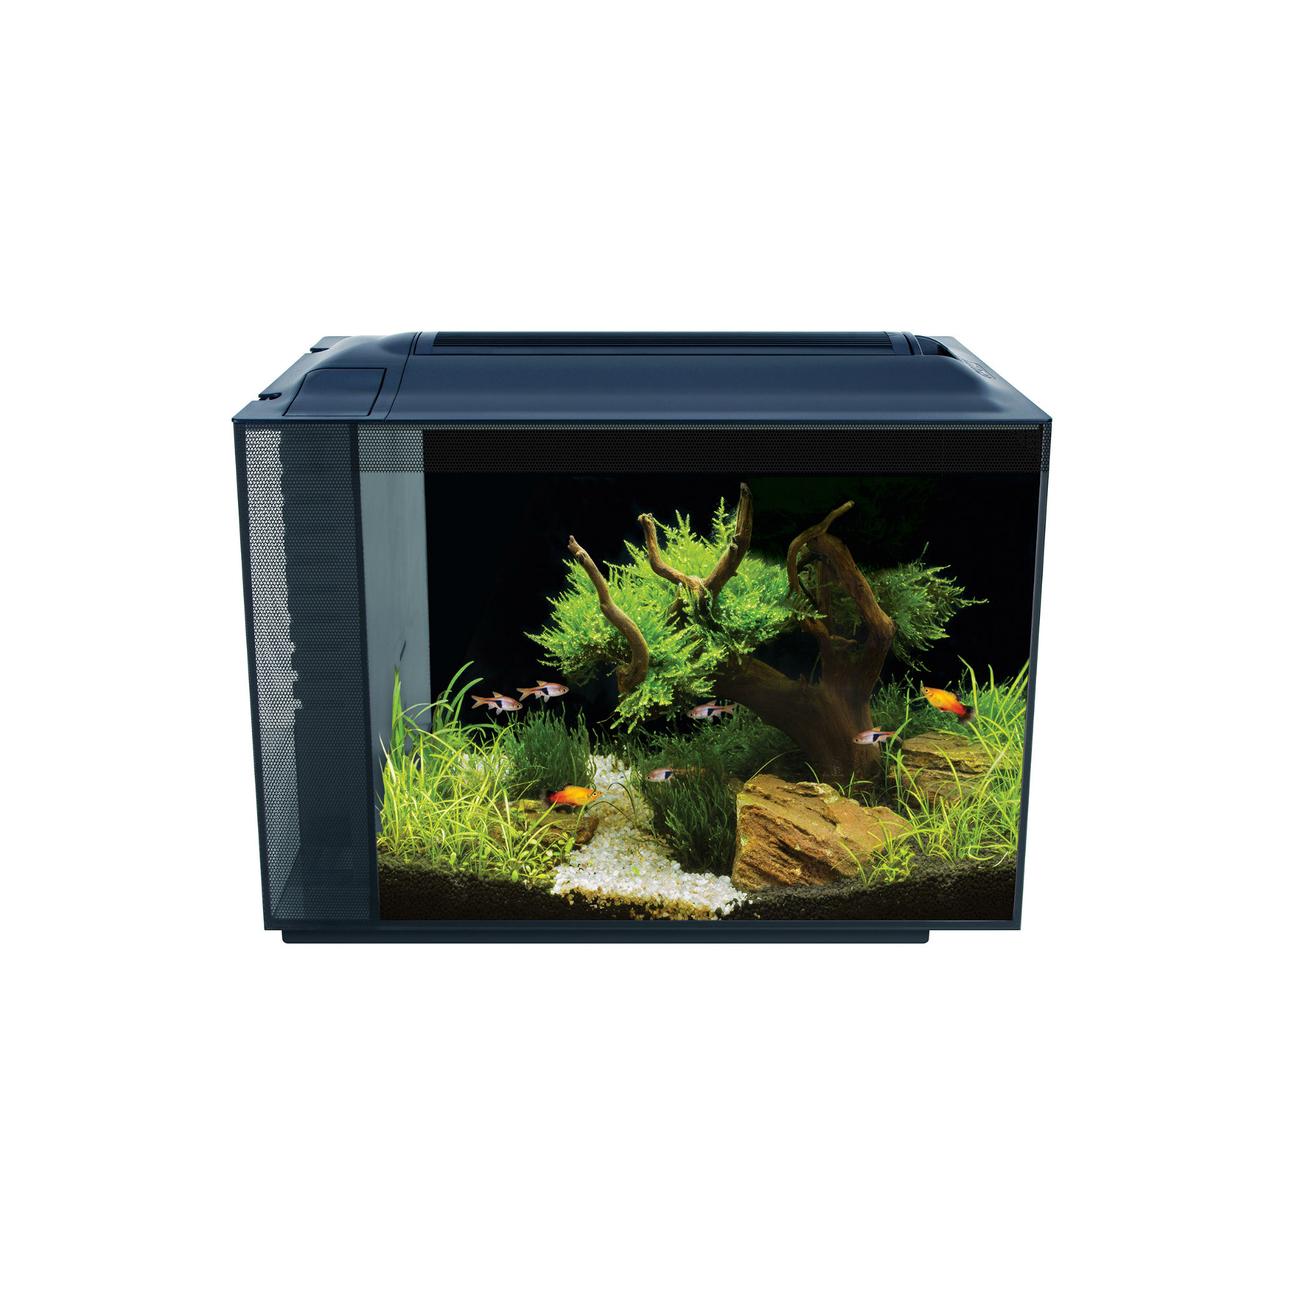 Fluval SPEC XV Aquarium 60 L